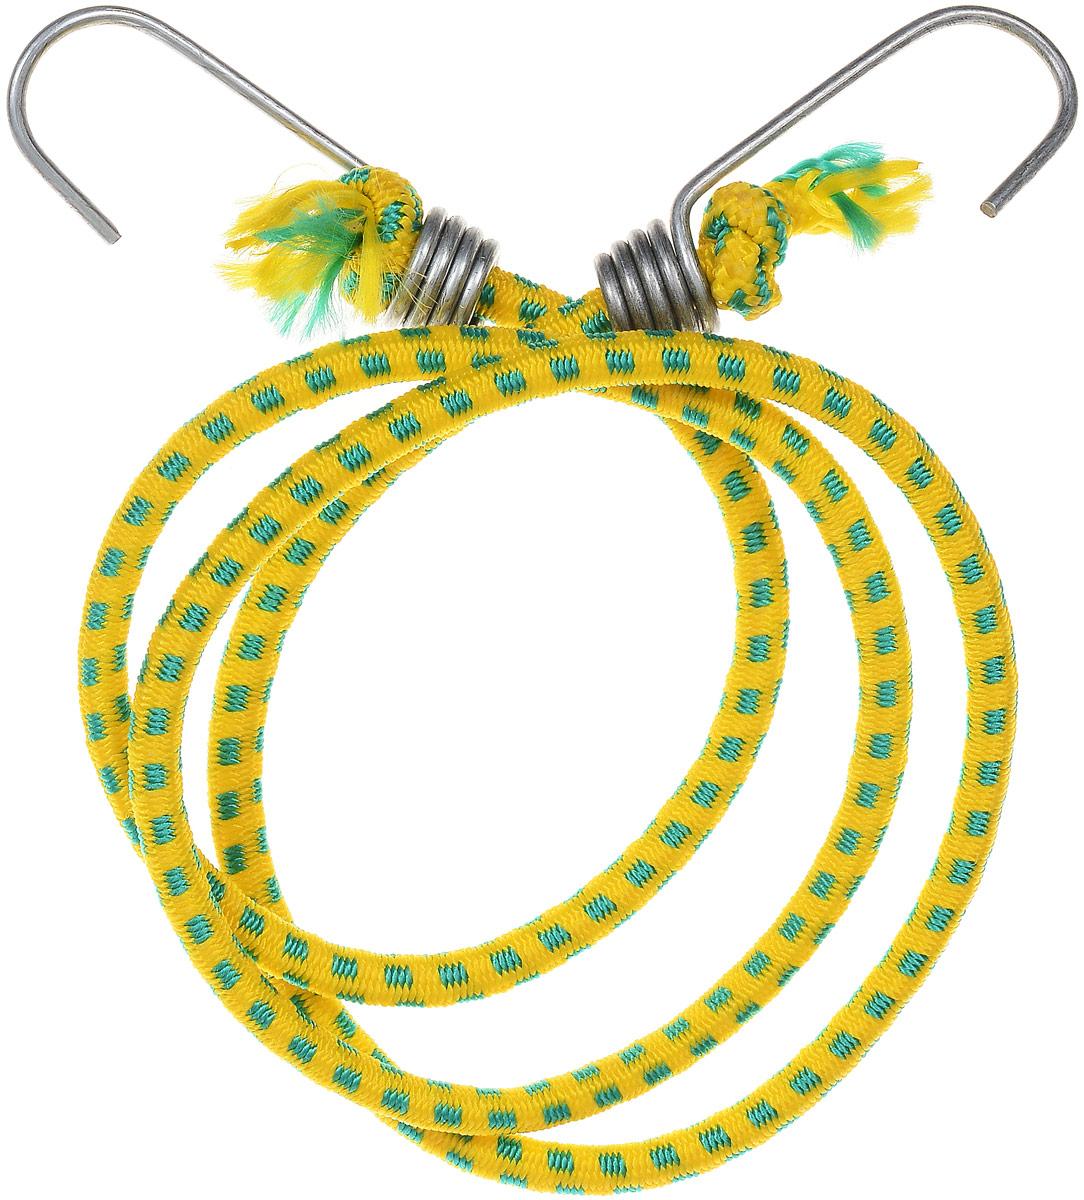 Резинка багажная МастерПроф, с крючками, цвет: желтый, зеленый, 0,6 х 110 см. АС.020052АС.020052_желтый, зеленыйБагажная резинка МастерПроф, выполненная из натурального каучука, оснащена специальными металлическими крюками, которые обеспечивают прочное крепление и не допускают смещения груза во время его перевозки. Изделие применяется для закрепления предметов к багажнику. Такая резинка позволит зафиксировать как небольшой груз, так и довольно габаритный. Температура использования: -50°C до +50°C. Безопасное удлинение: 125%. Толщина резинки: 6 мм. Длина резинки: 110 см.